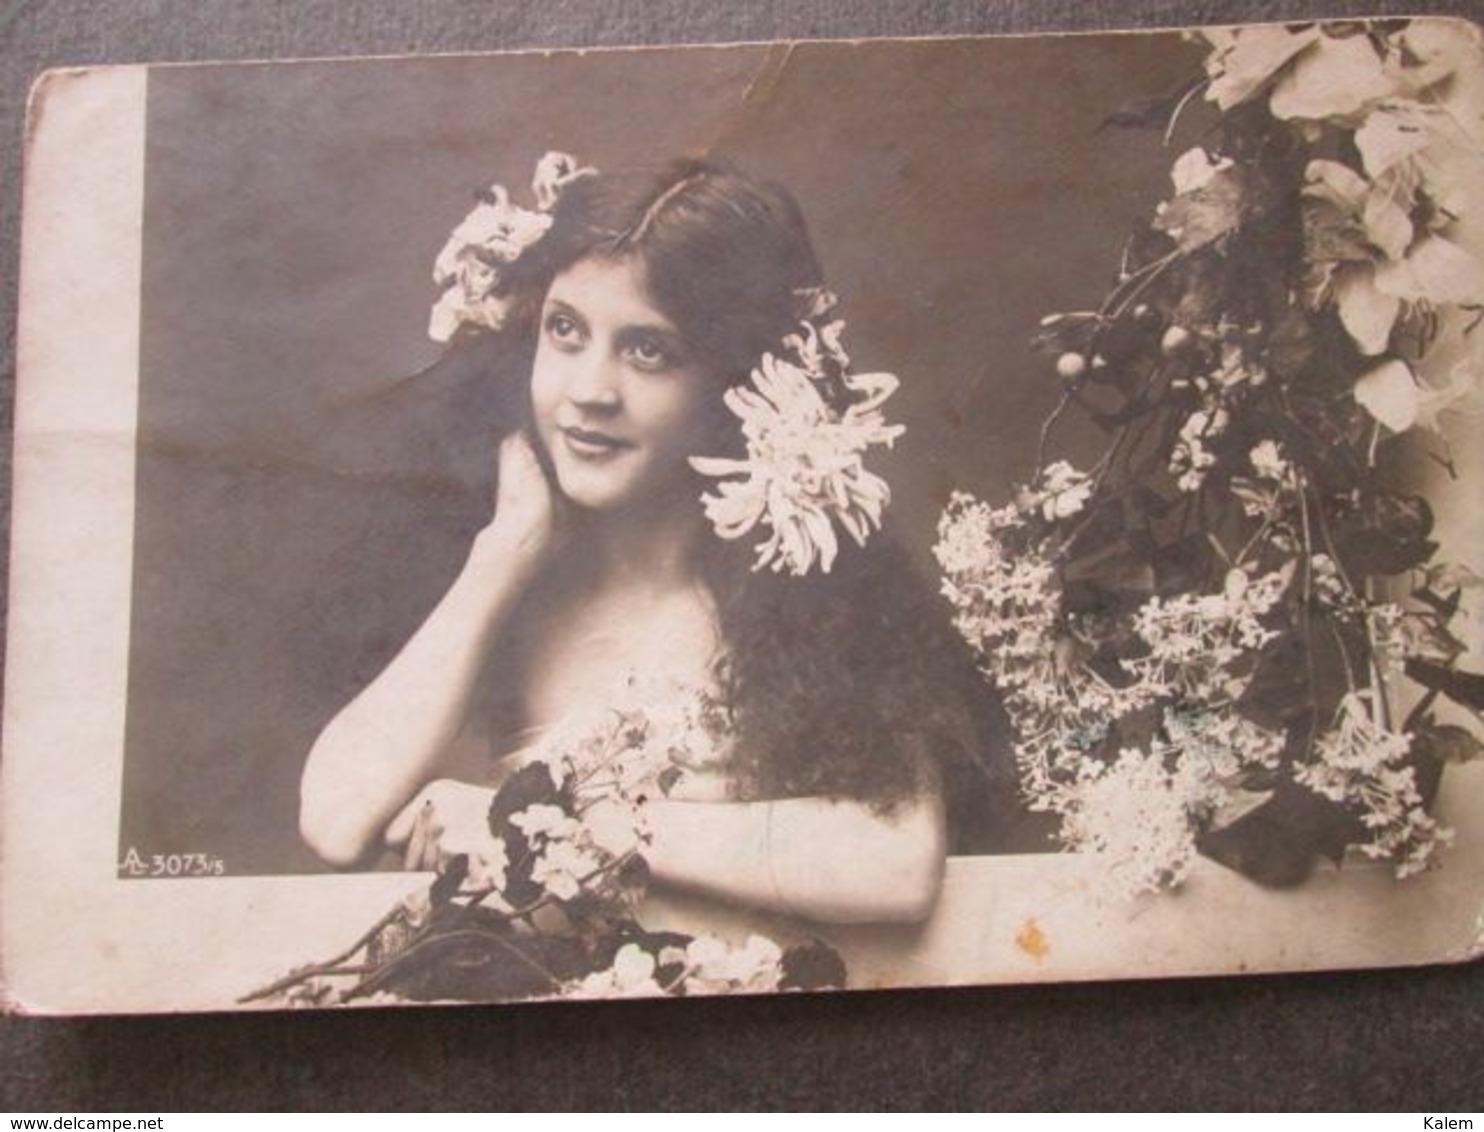 PORTRAIT OF A YOUNG WOMAN, PORTRAIT D'UNE JEUNE FEMME, ORIGINAL PHOTO - Personnes Anonymes